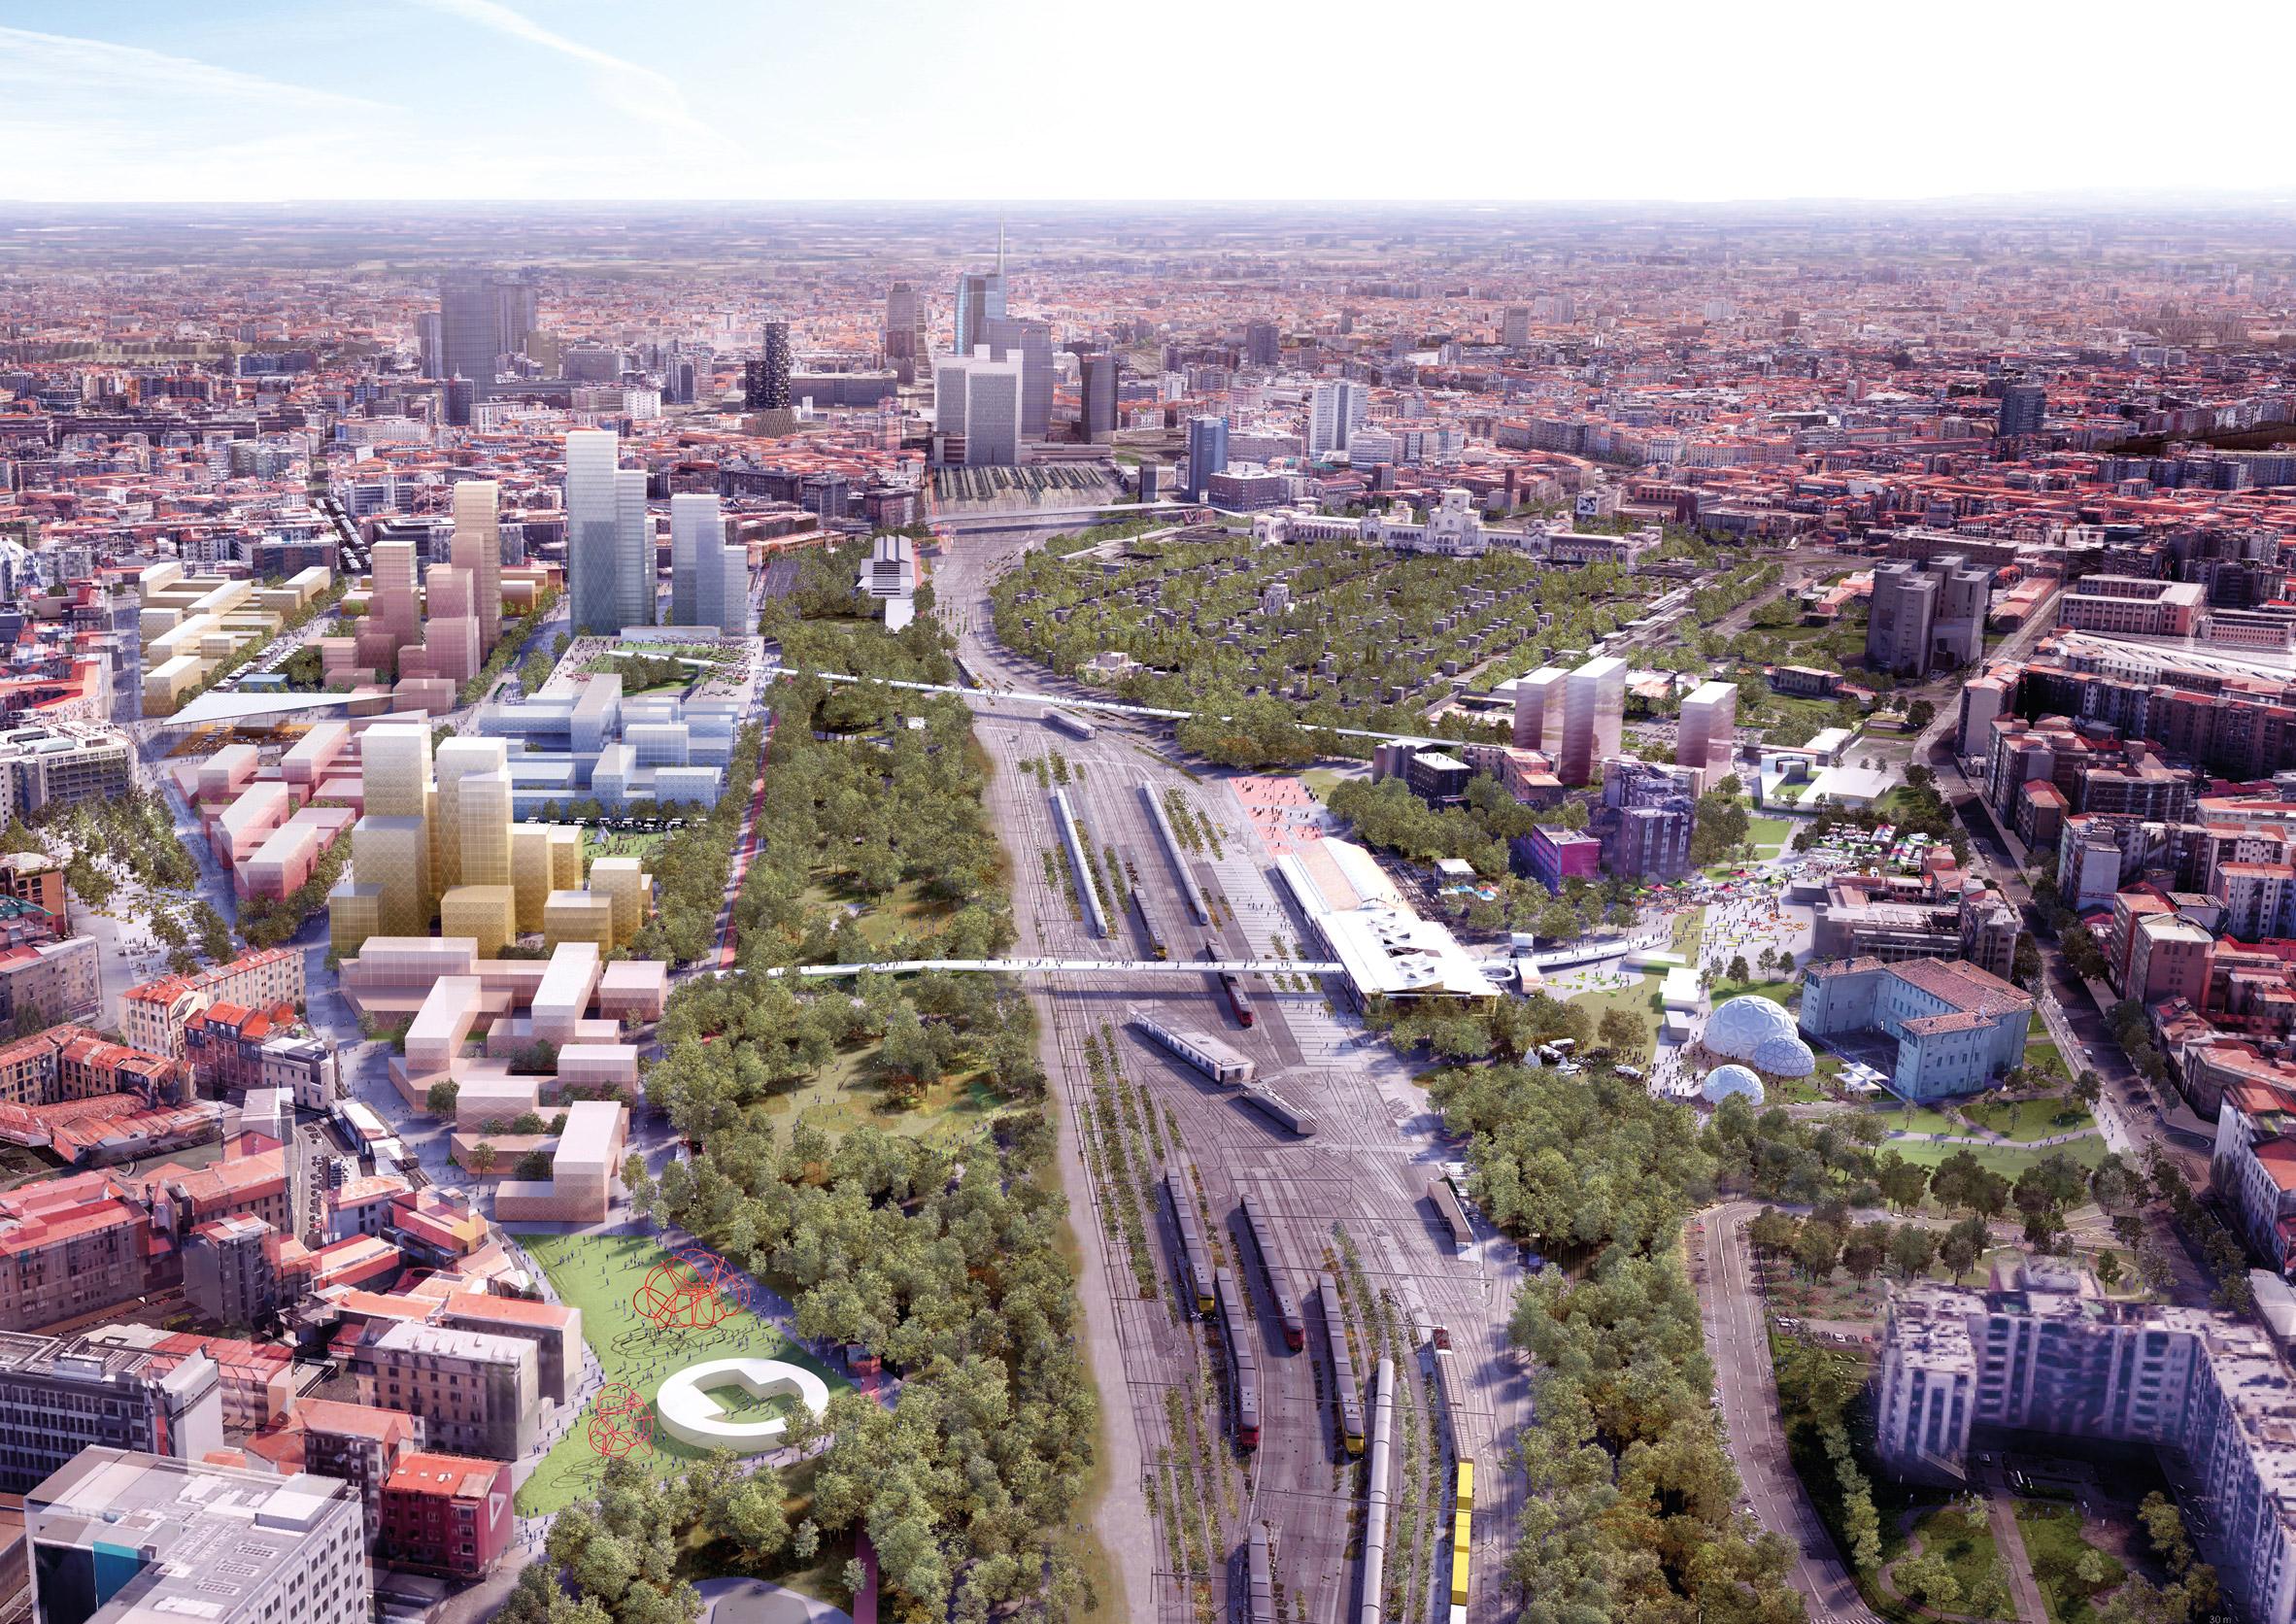 The Scalo Farini goods yard in the Agenti Climatici masterplan for Milan by OMA and Laboratorio Permanente